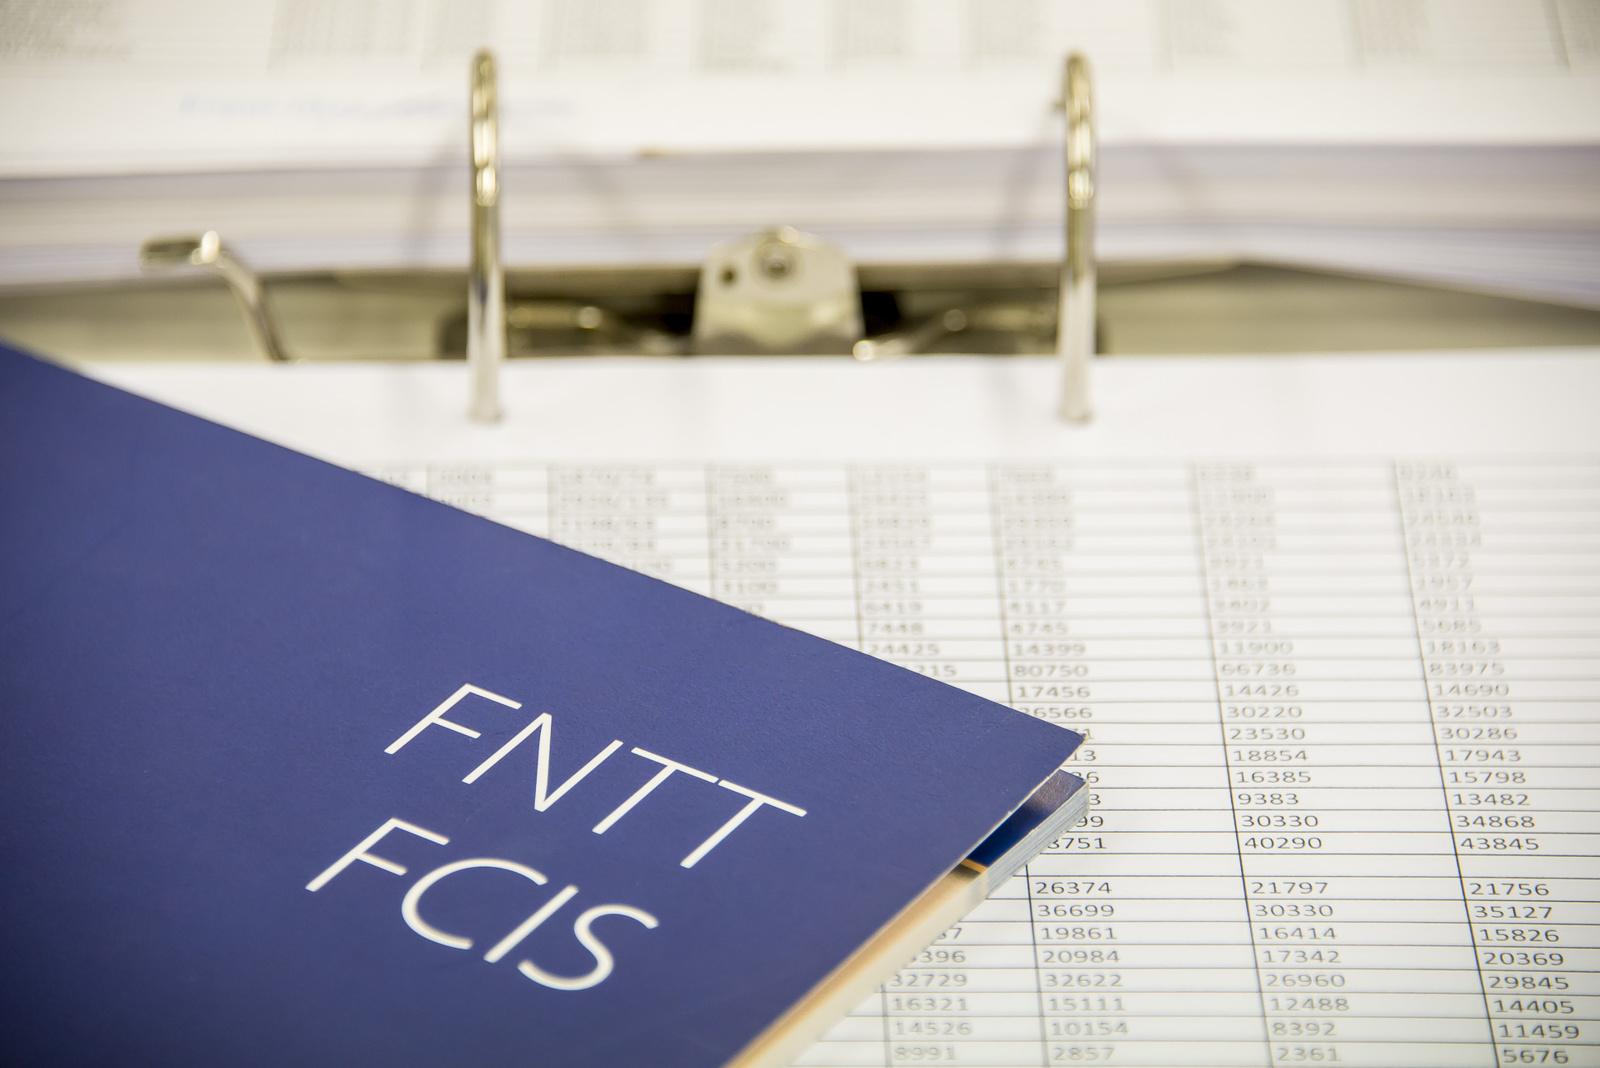 FNTT įtaria, kad dešimtyse kiniškų prekių parduotuvių nedeklaruota 2 mln. eurų pajamų